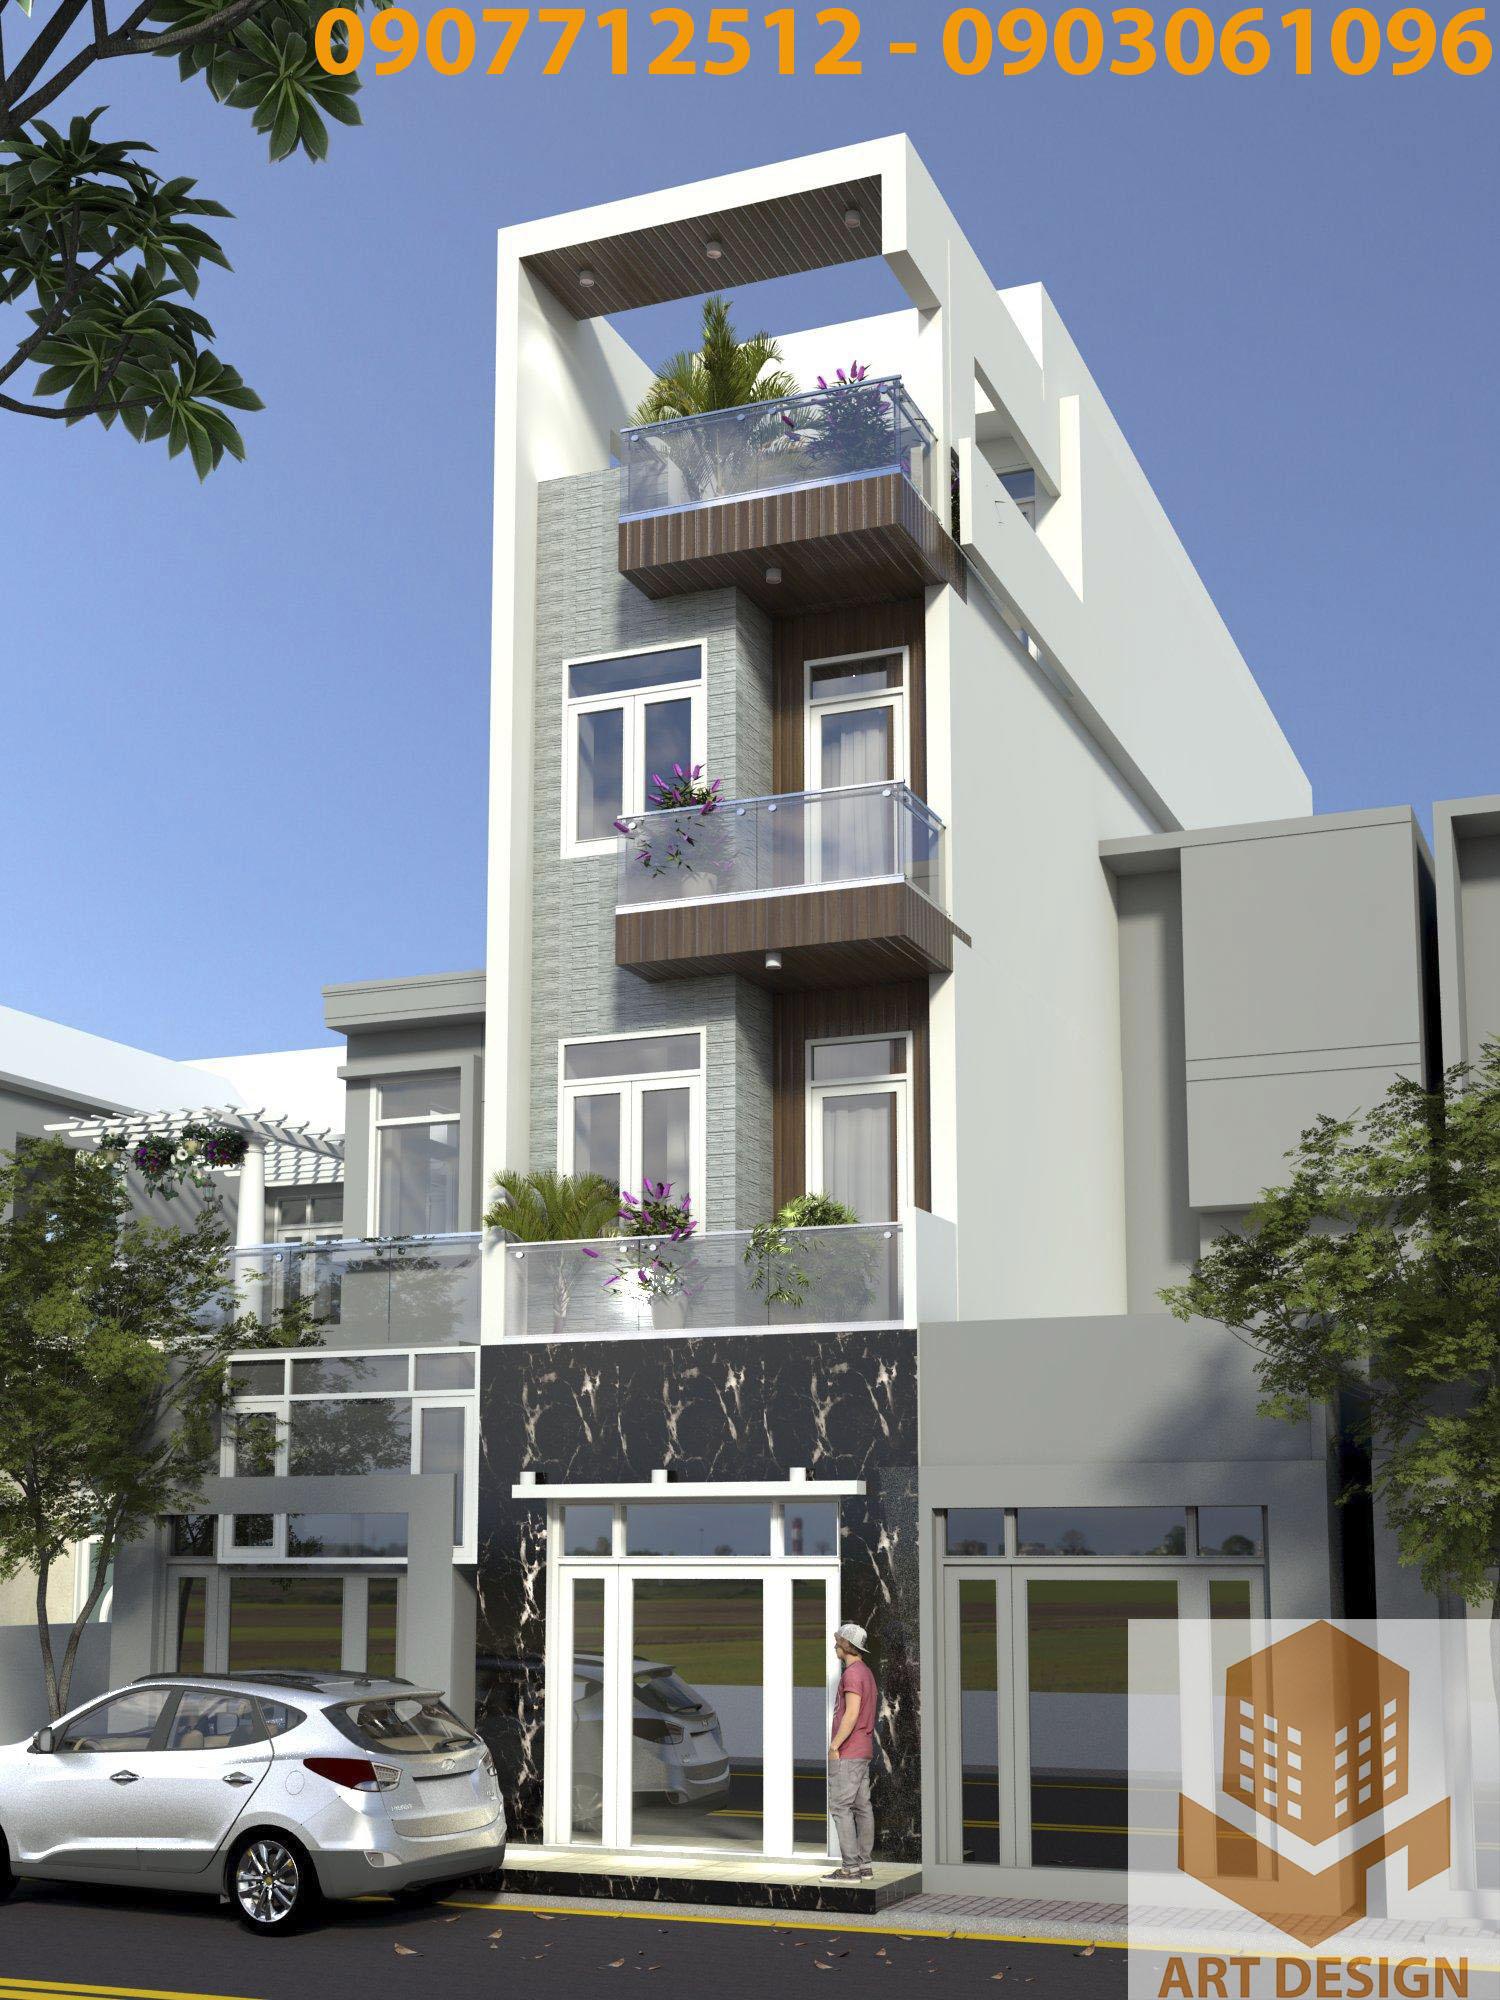 nhà 3 tầng 1 tum hiện đại